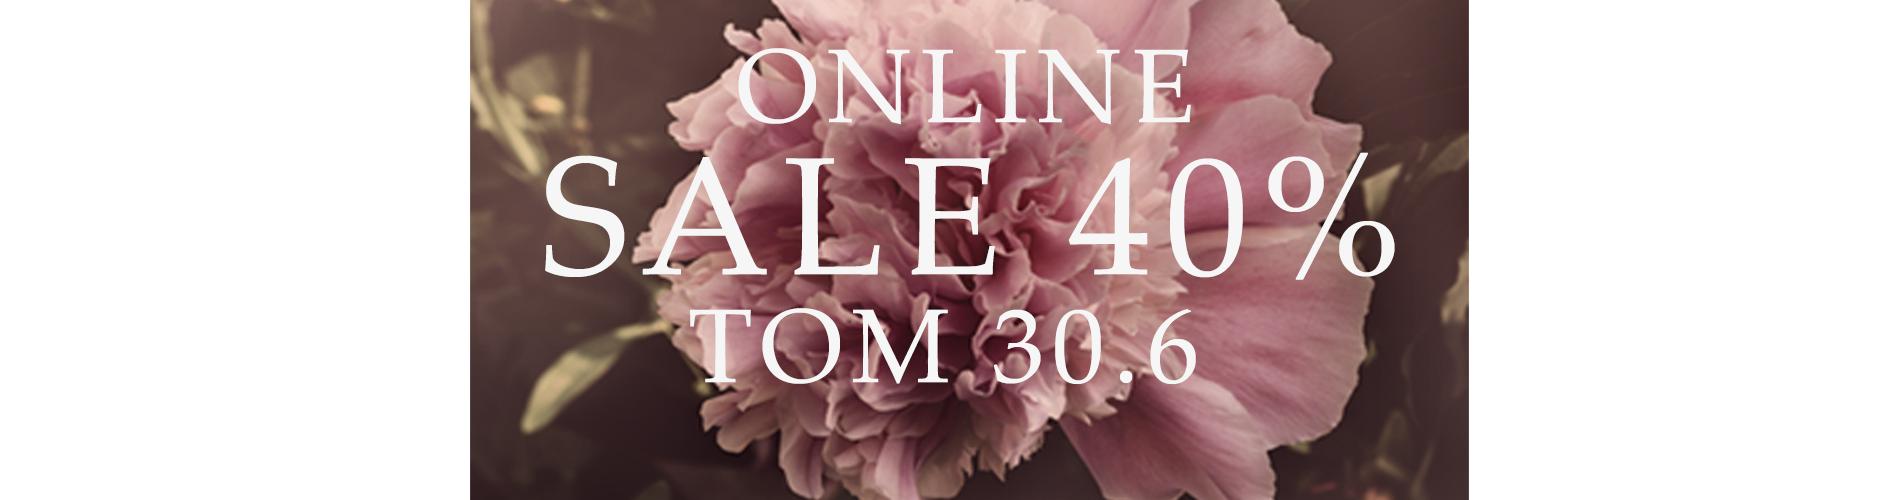 Summer Sale 40%